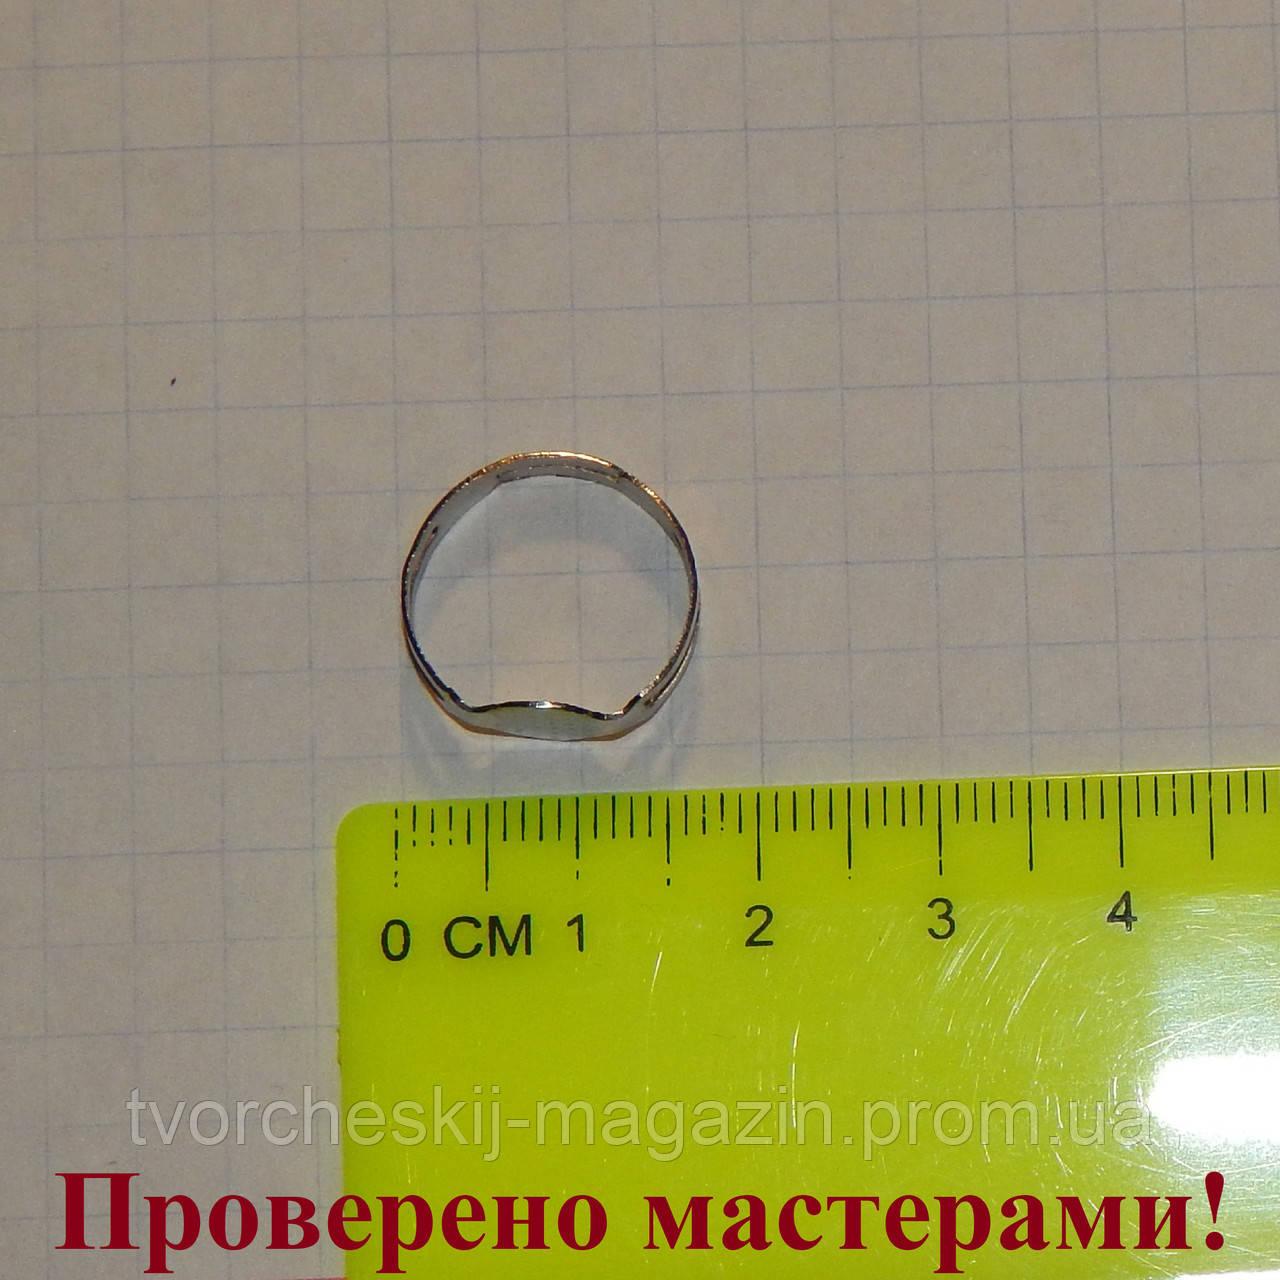 Основа для кольца, метал, темно серебристая